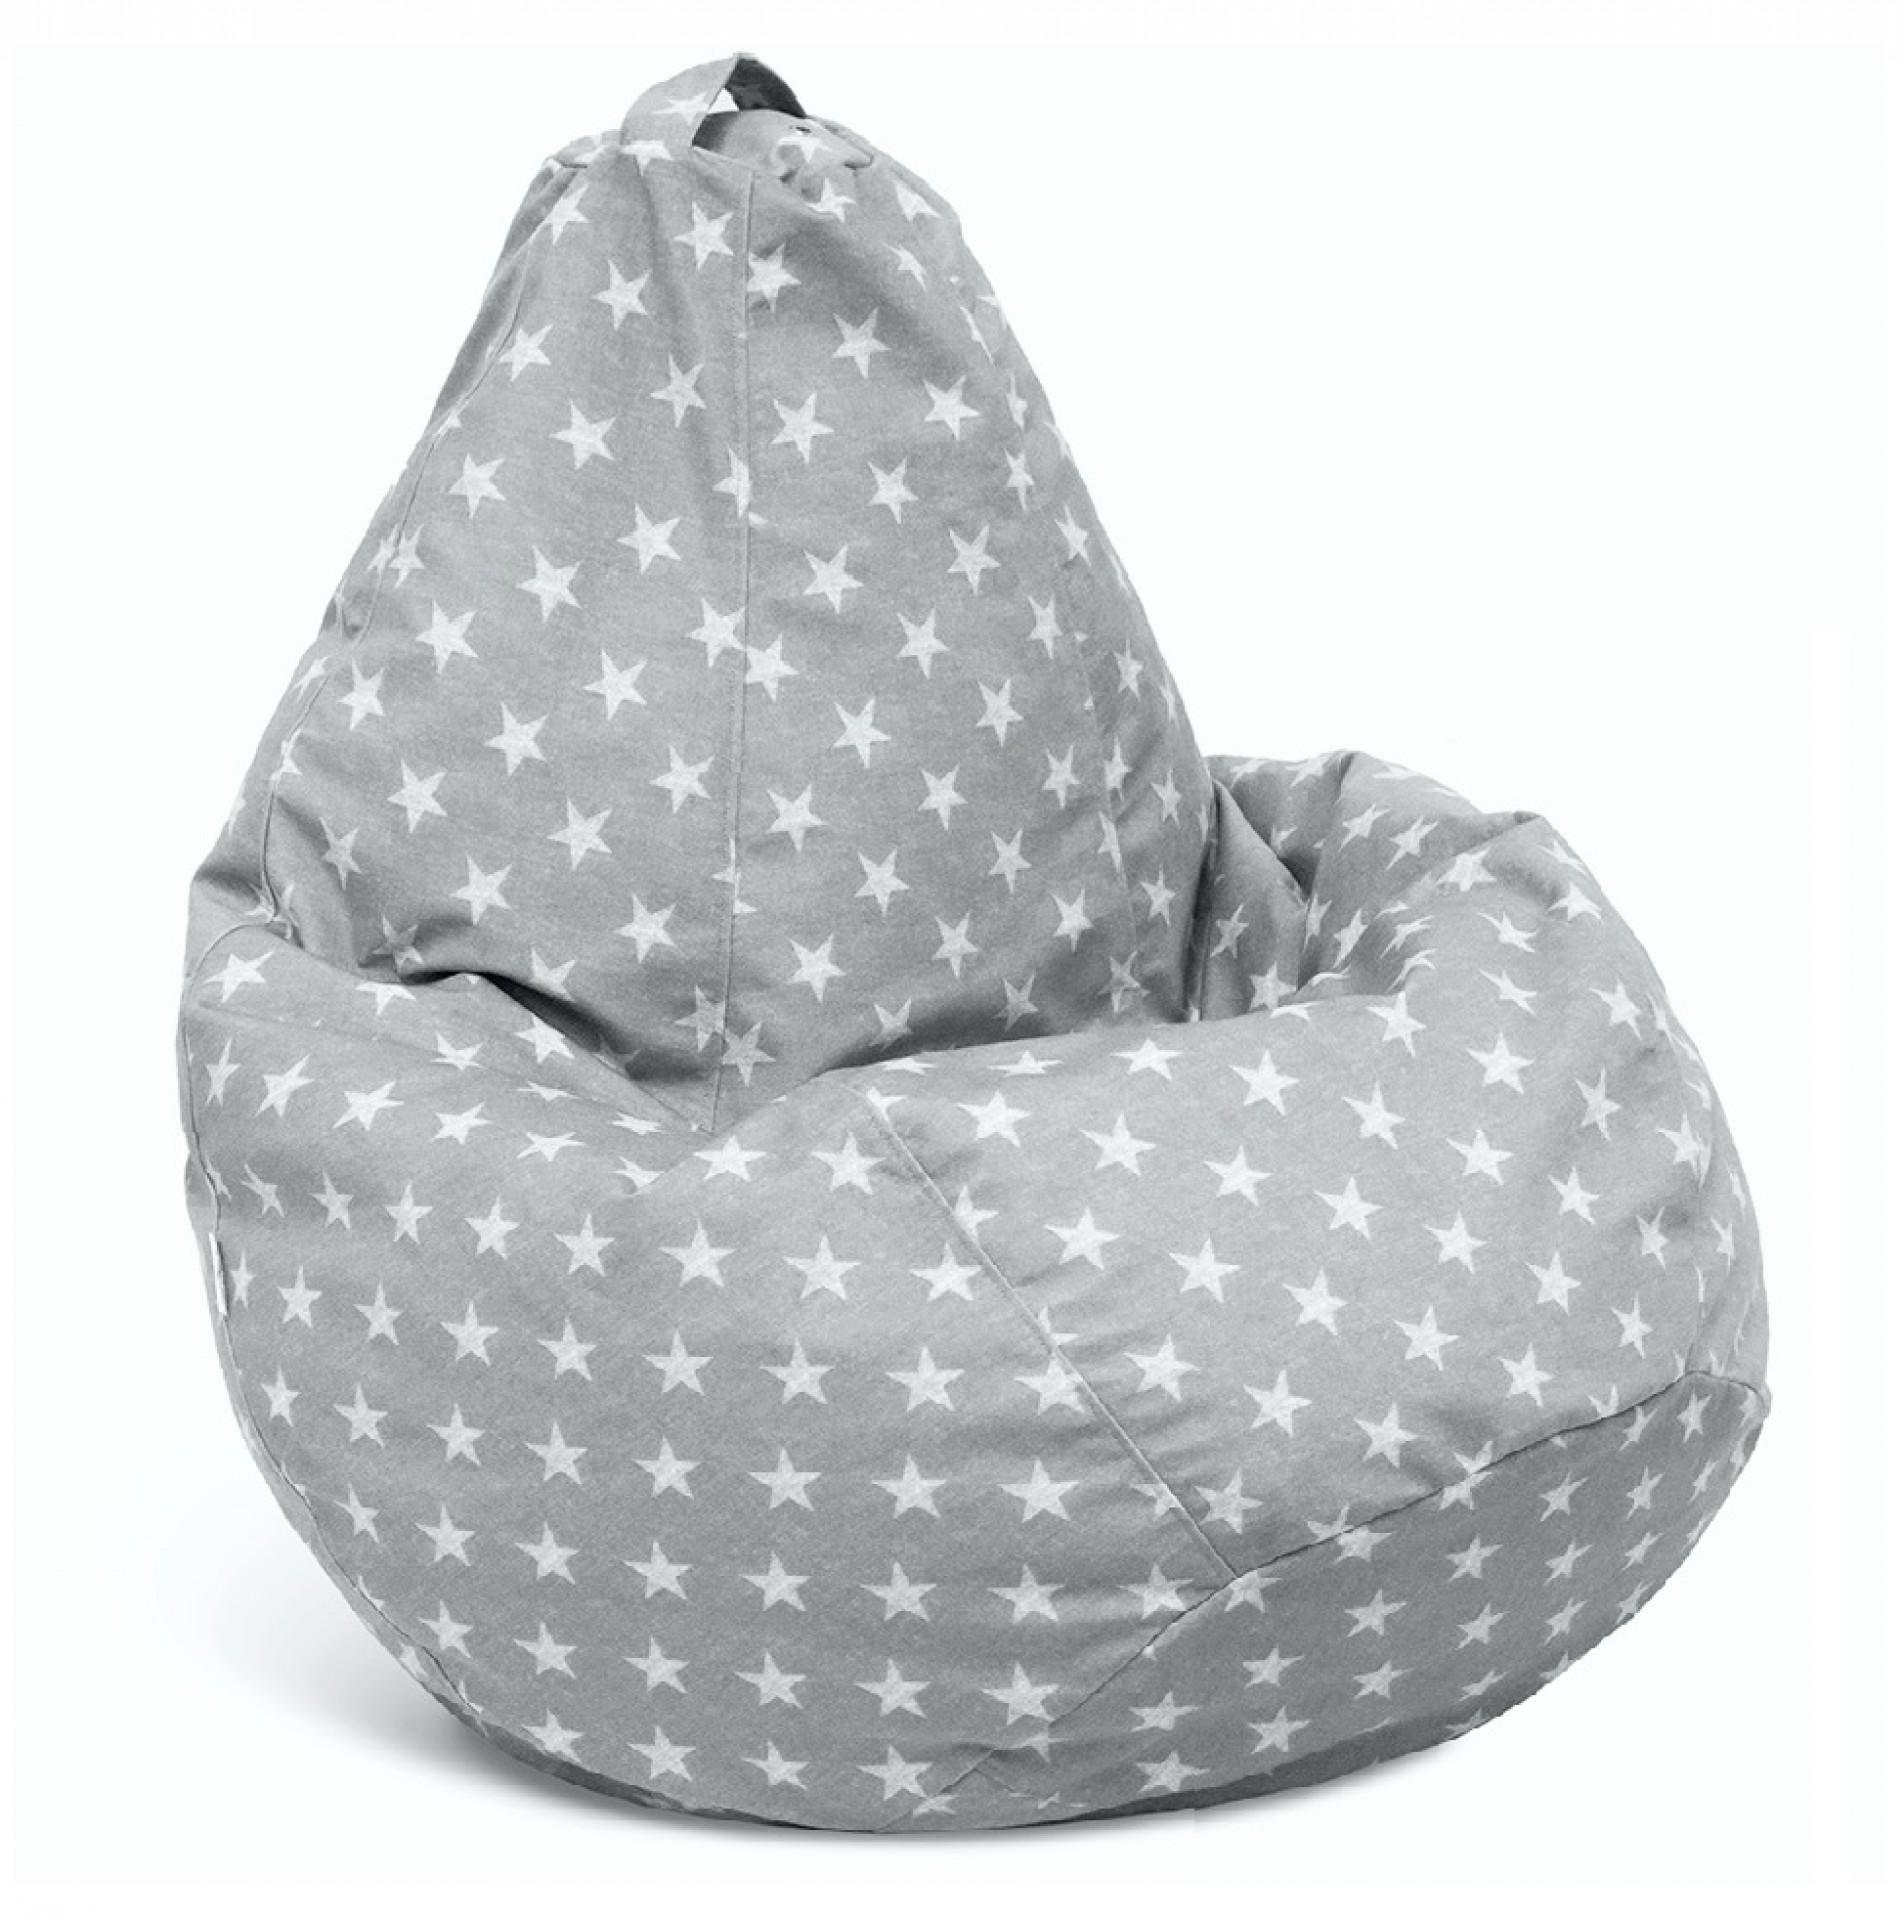 Кресло-мешок Звезды